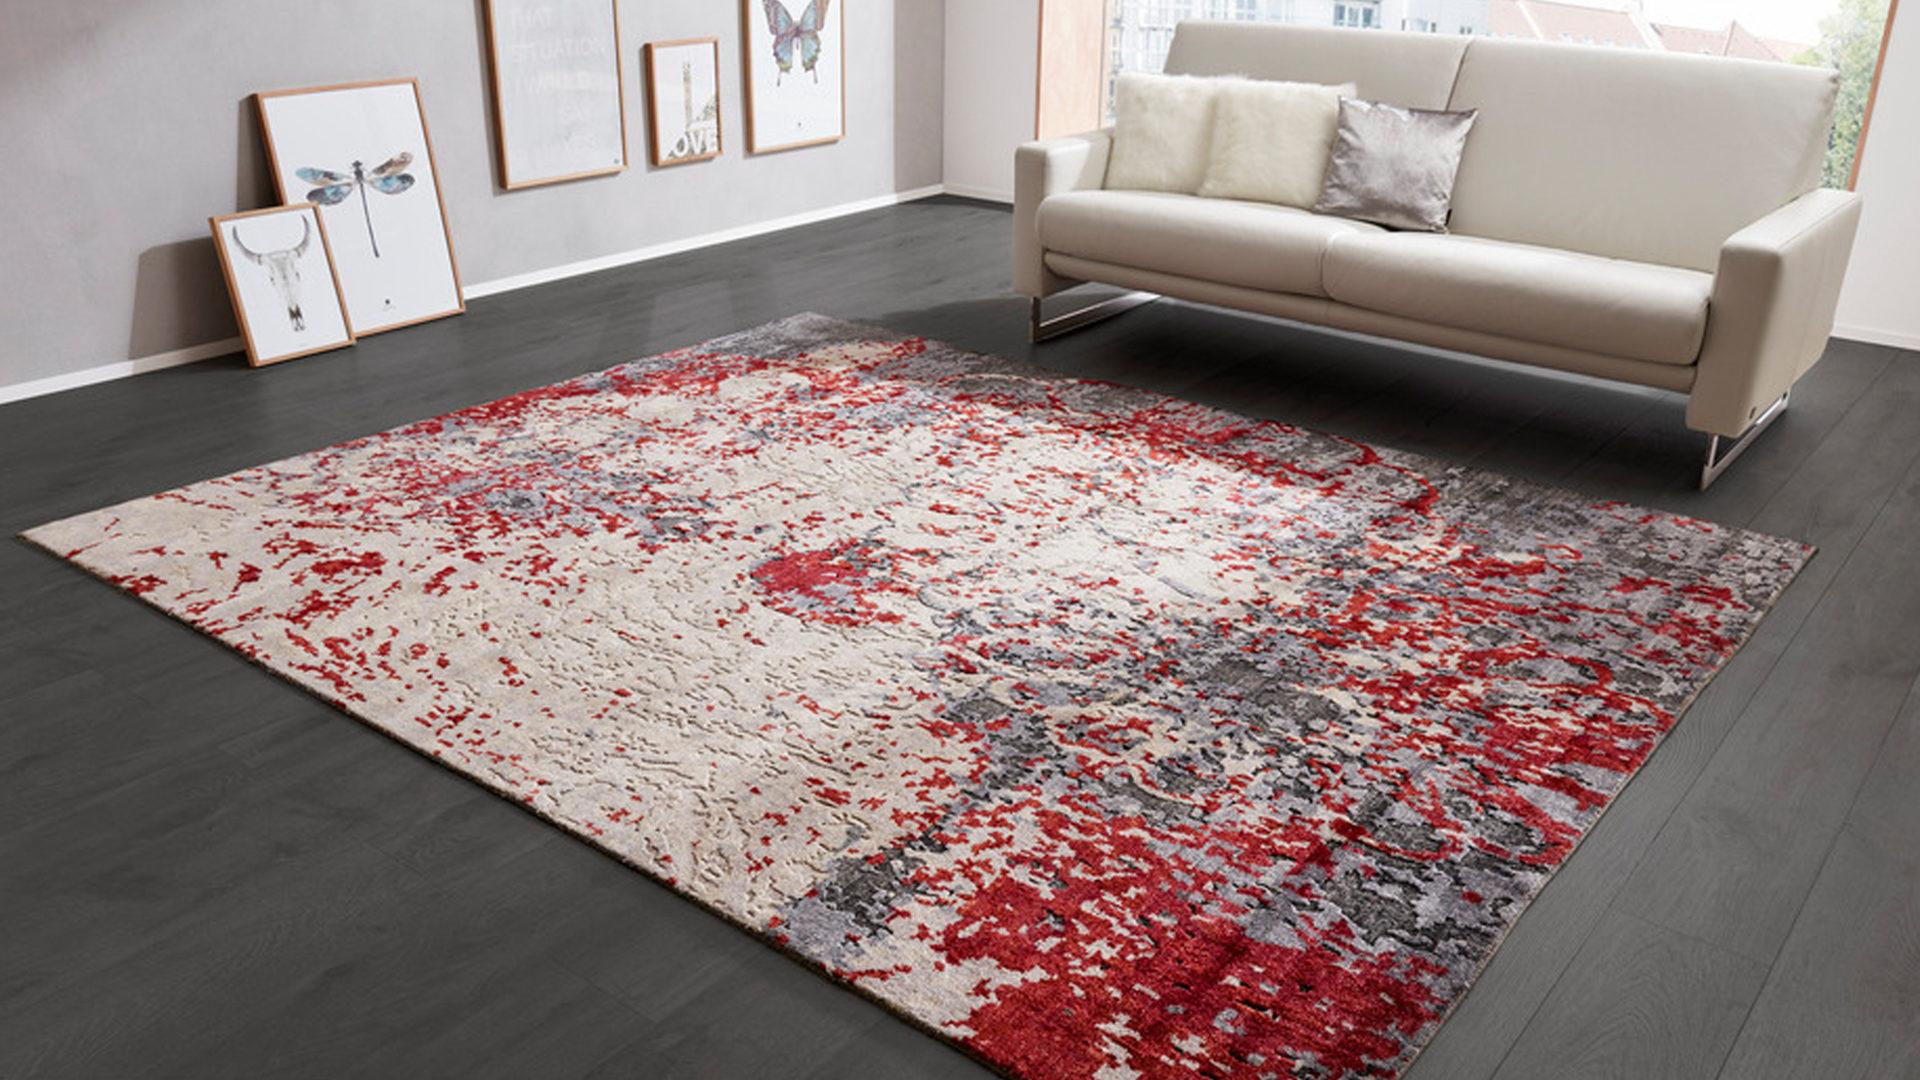 Moderne Teppiche möbel eilers apen teppiche moderne teppiche teppich